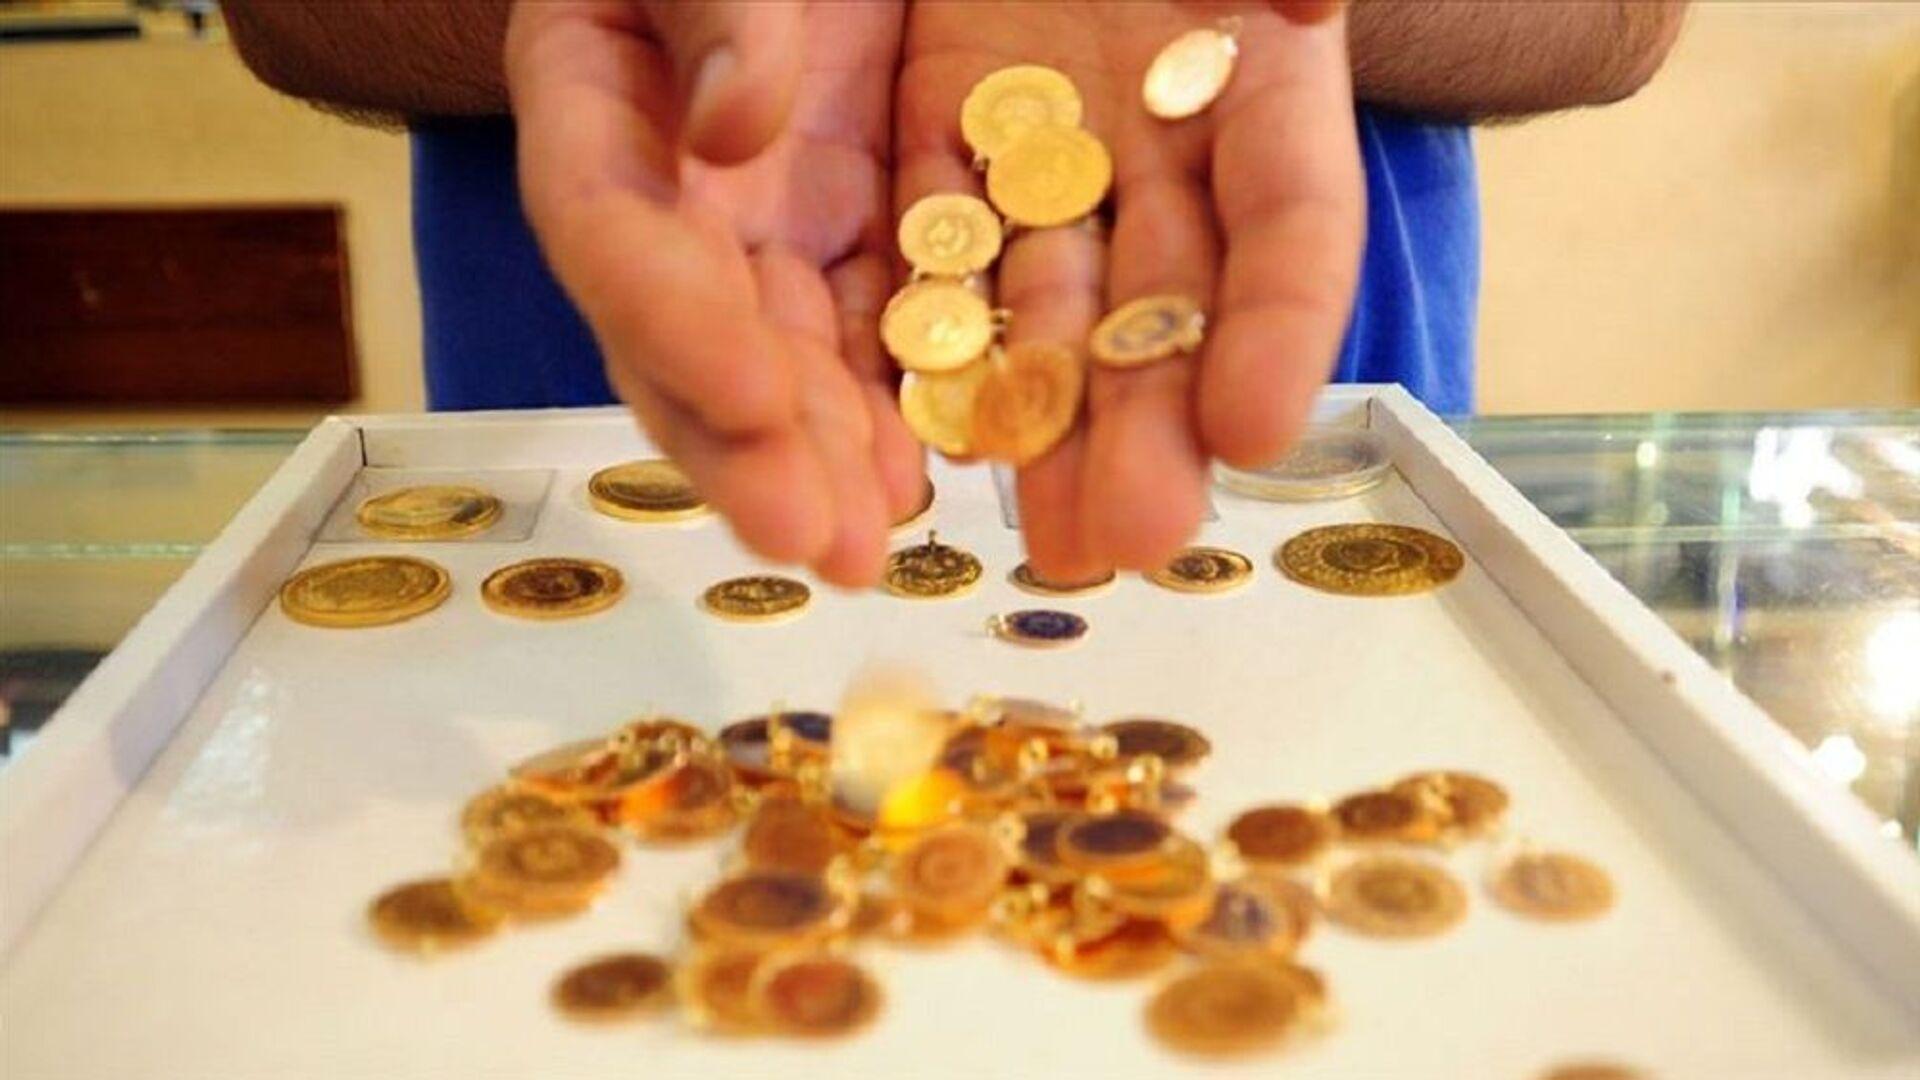 Gram altın, çeyrek altın, altın - Sputnik Türkiye, 1920, 25.08.2021